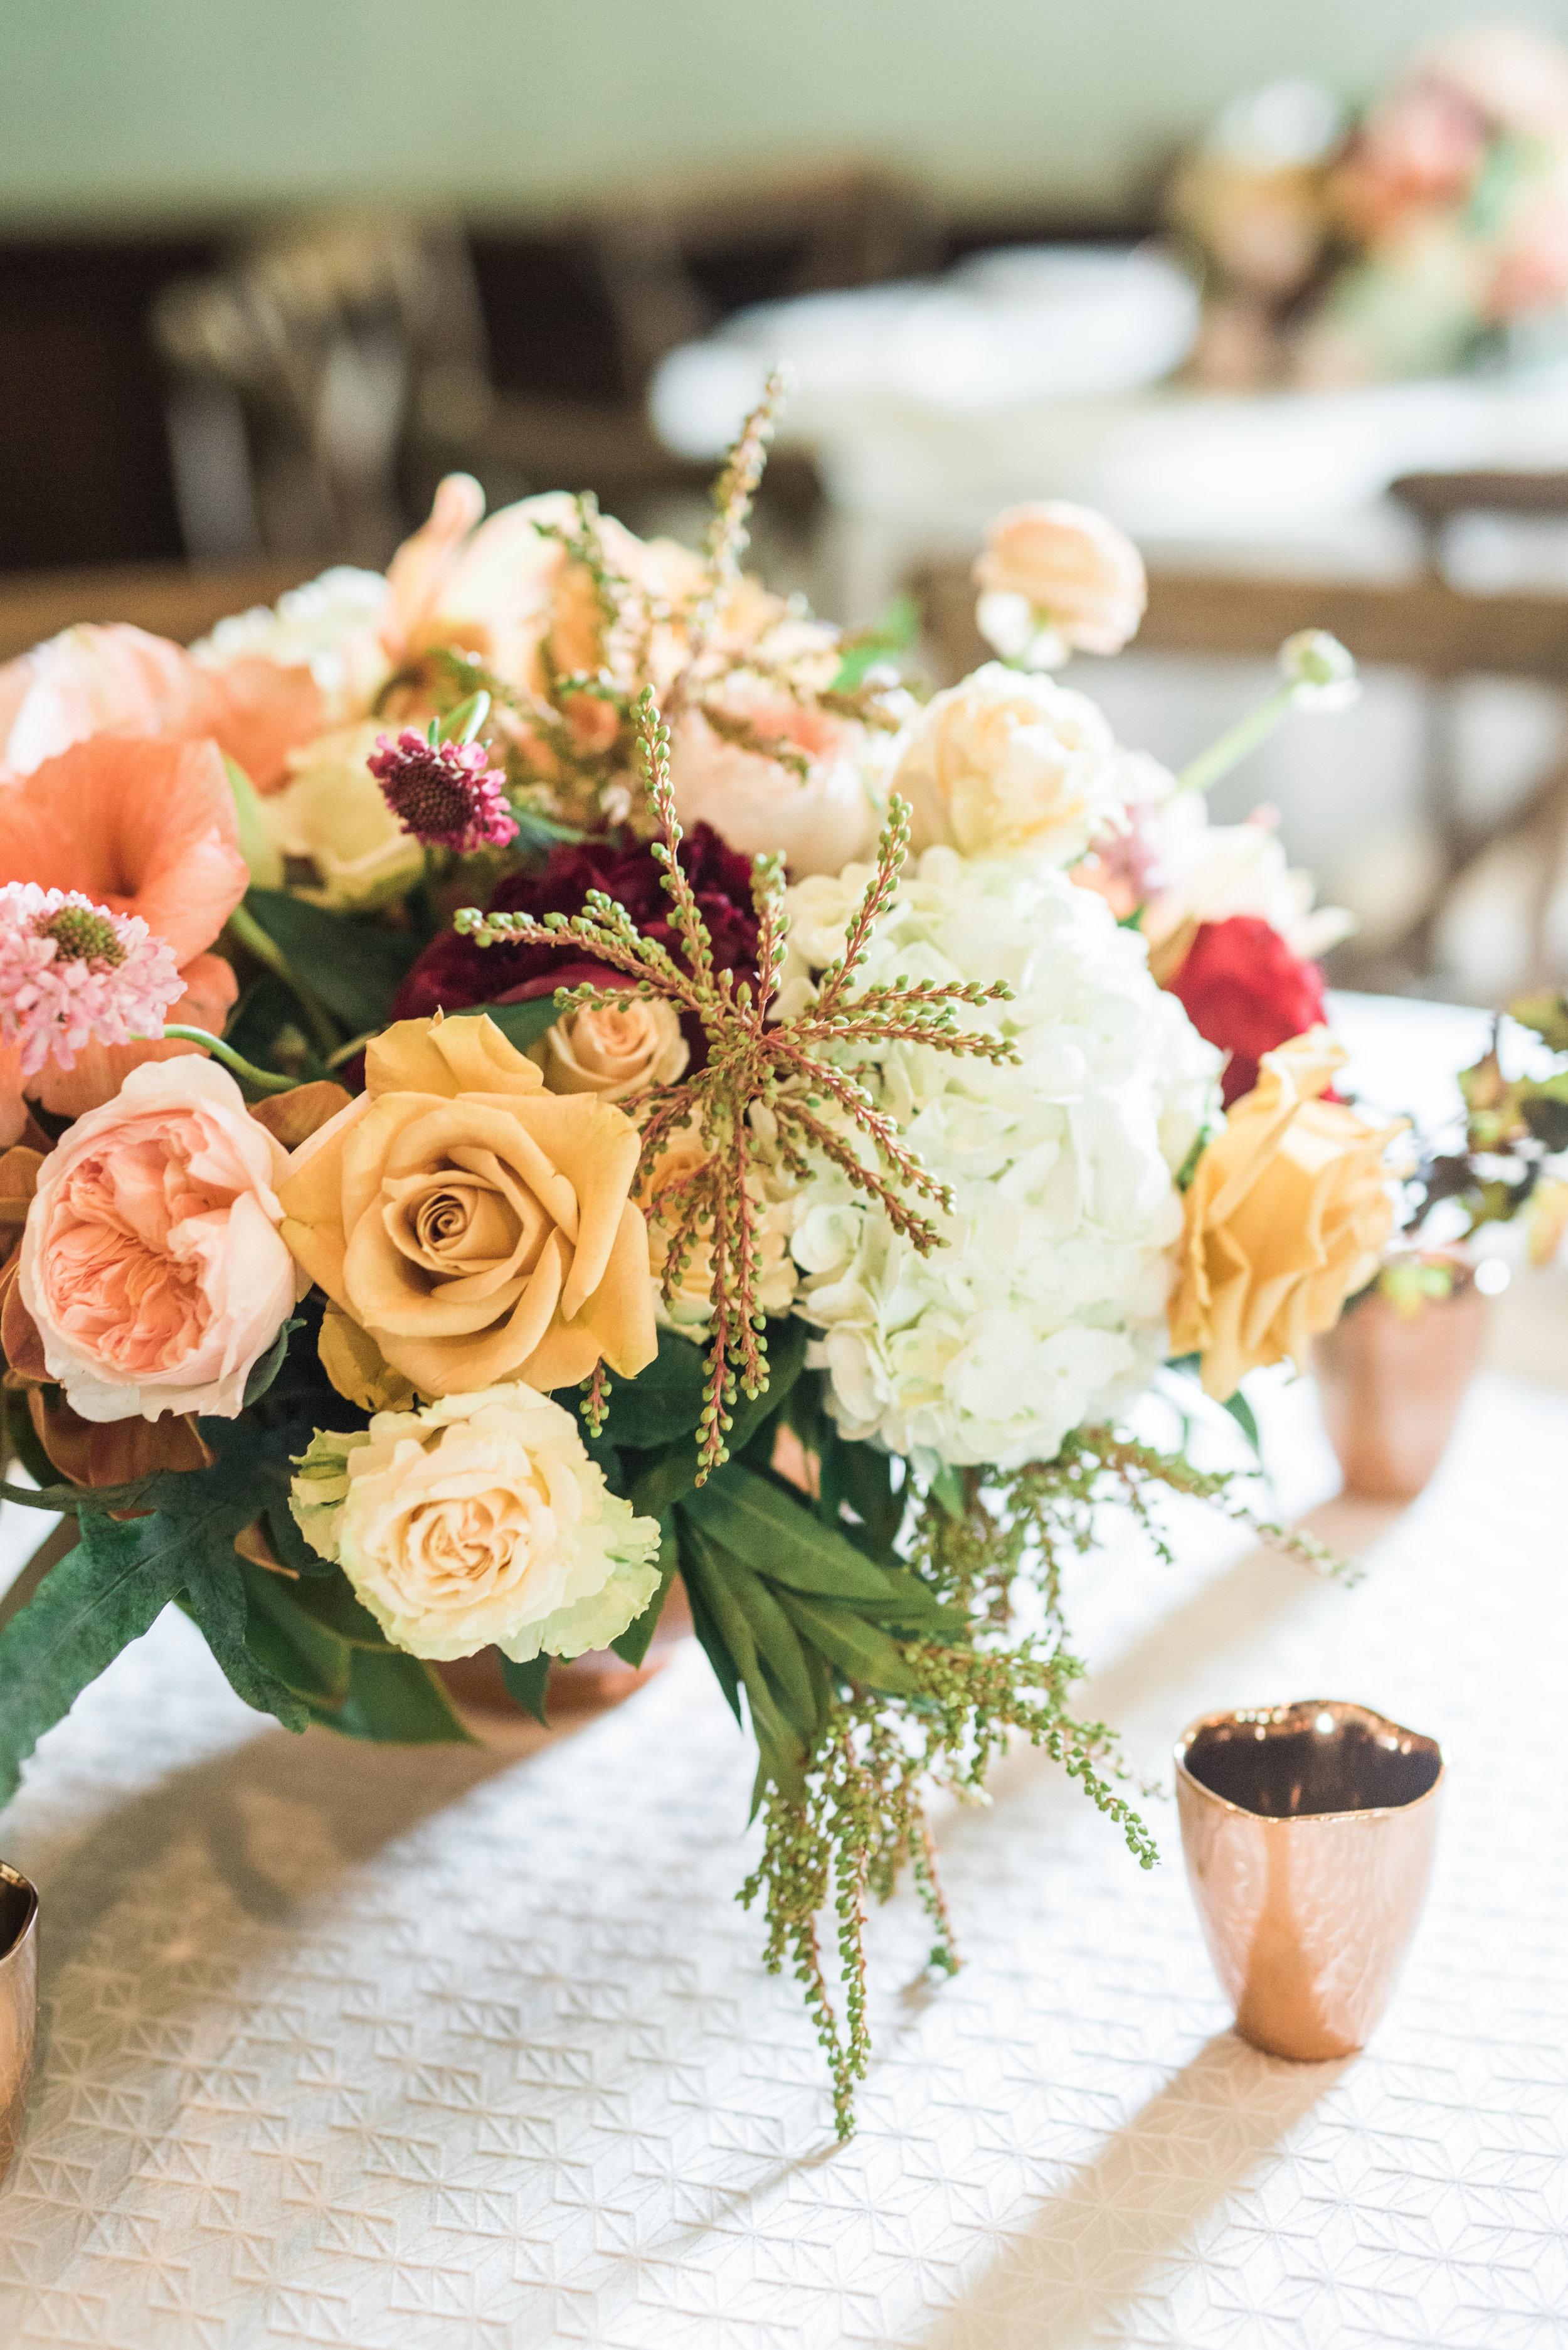 Parie Designs, Floral arrangements, floral centerpieces, Amarillo wedding design and coordination